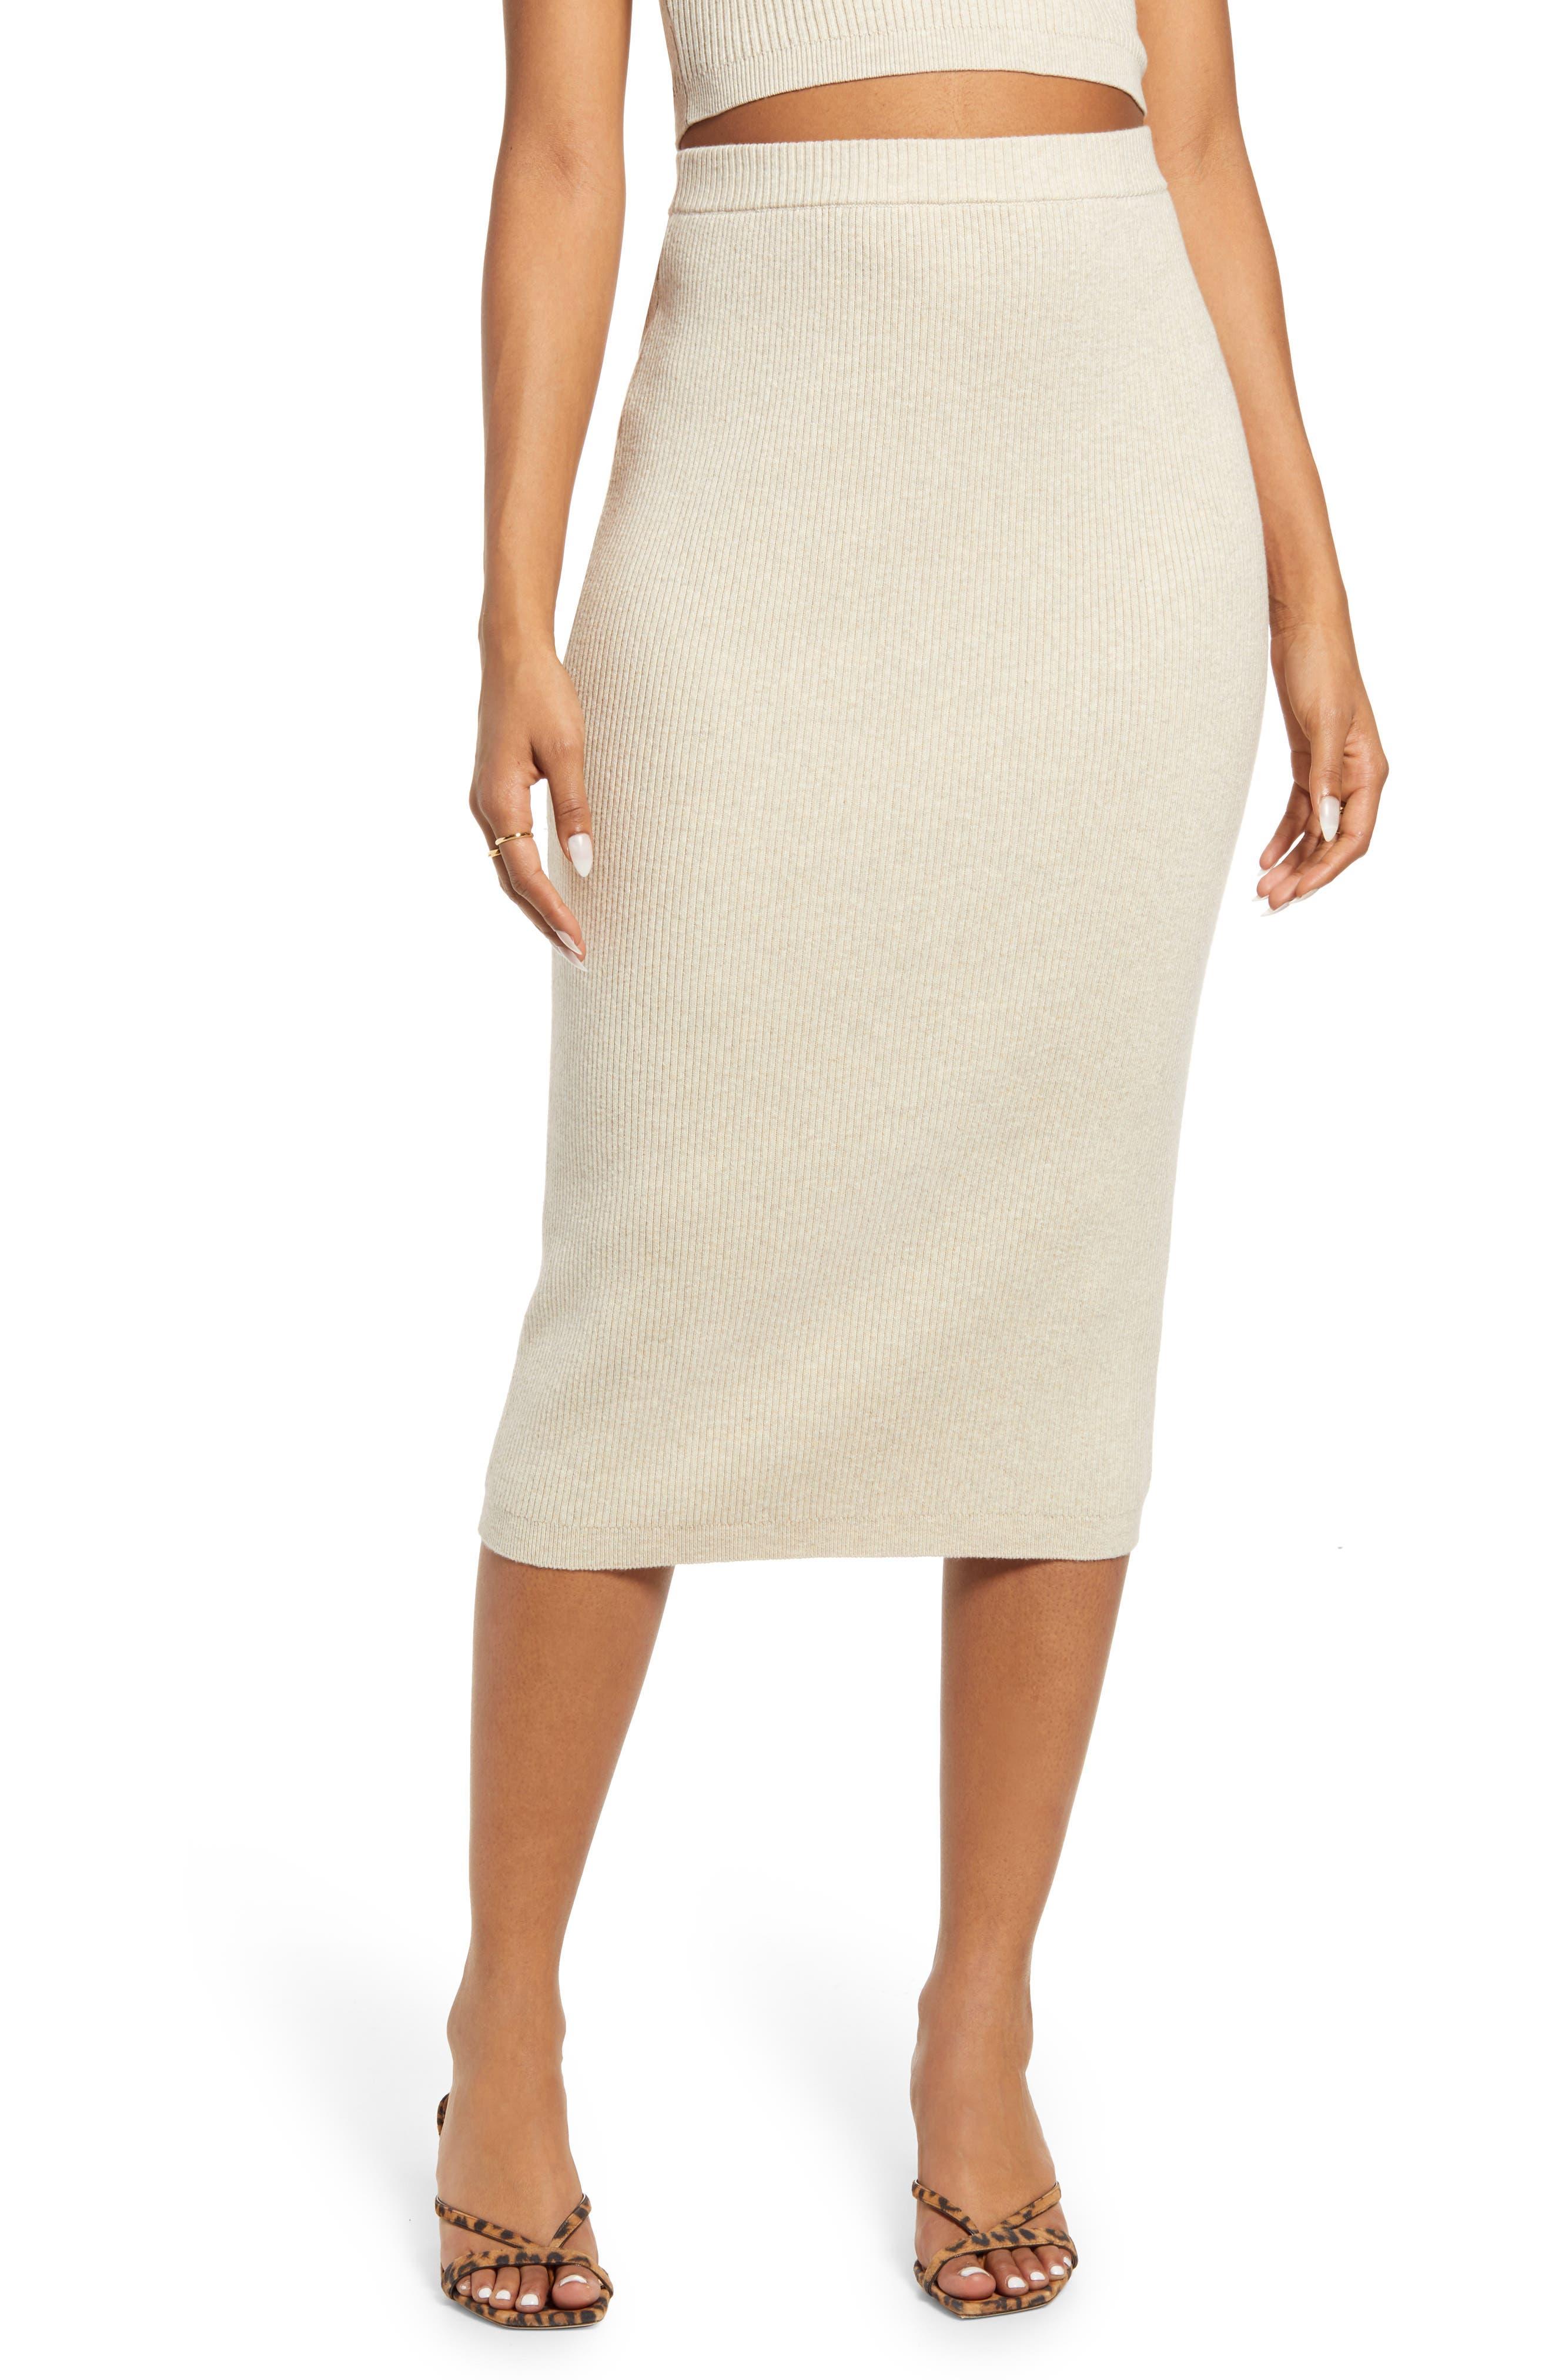 Fancy skirt Party skirt Black sheer skirt Layered black skirt Gift for her Black skirt Size S Dressy skirt Vintage Black Skirt